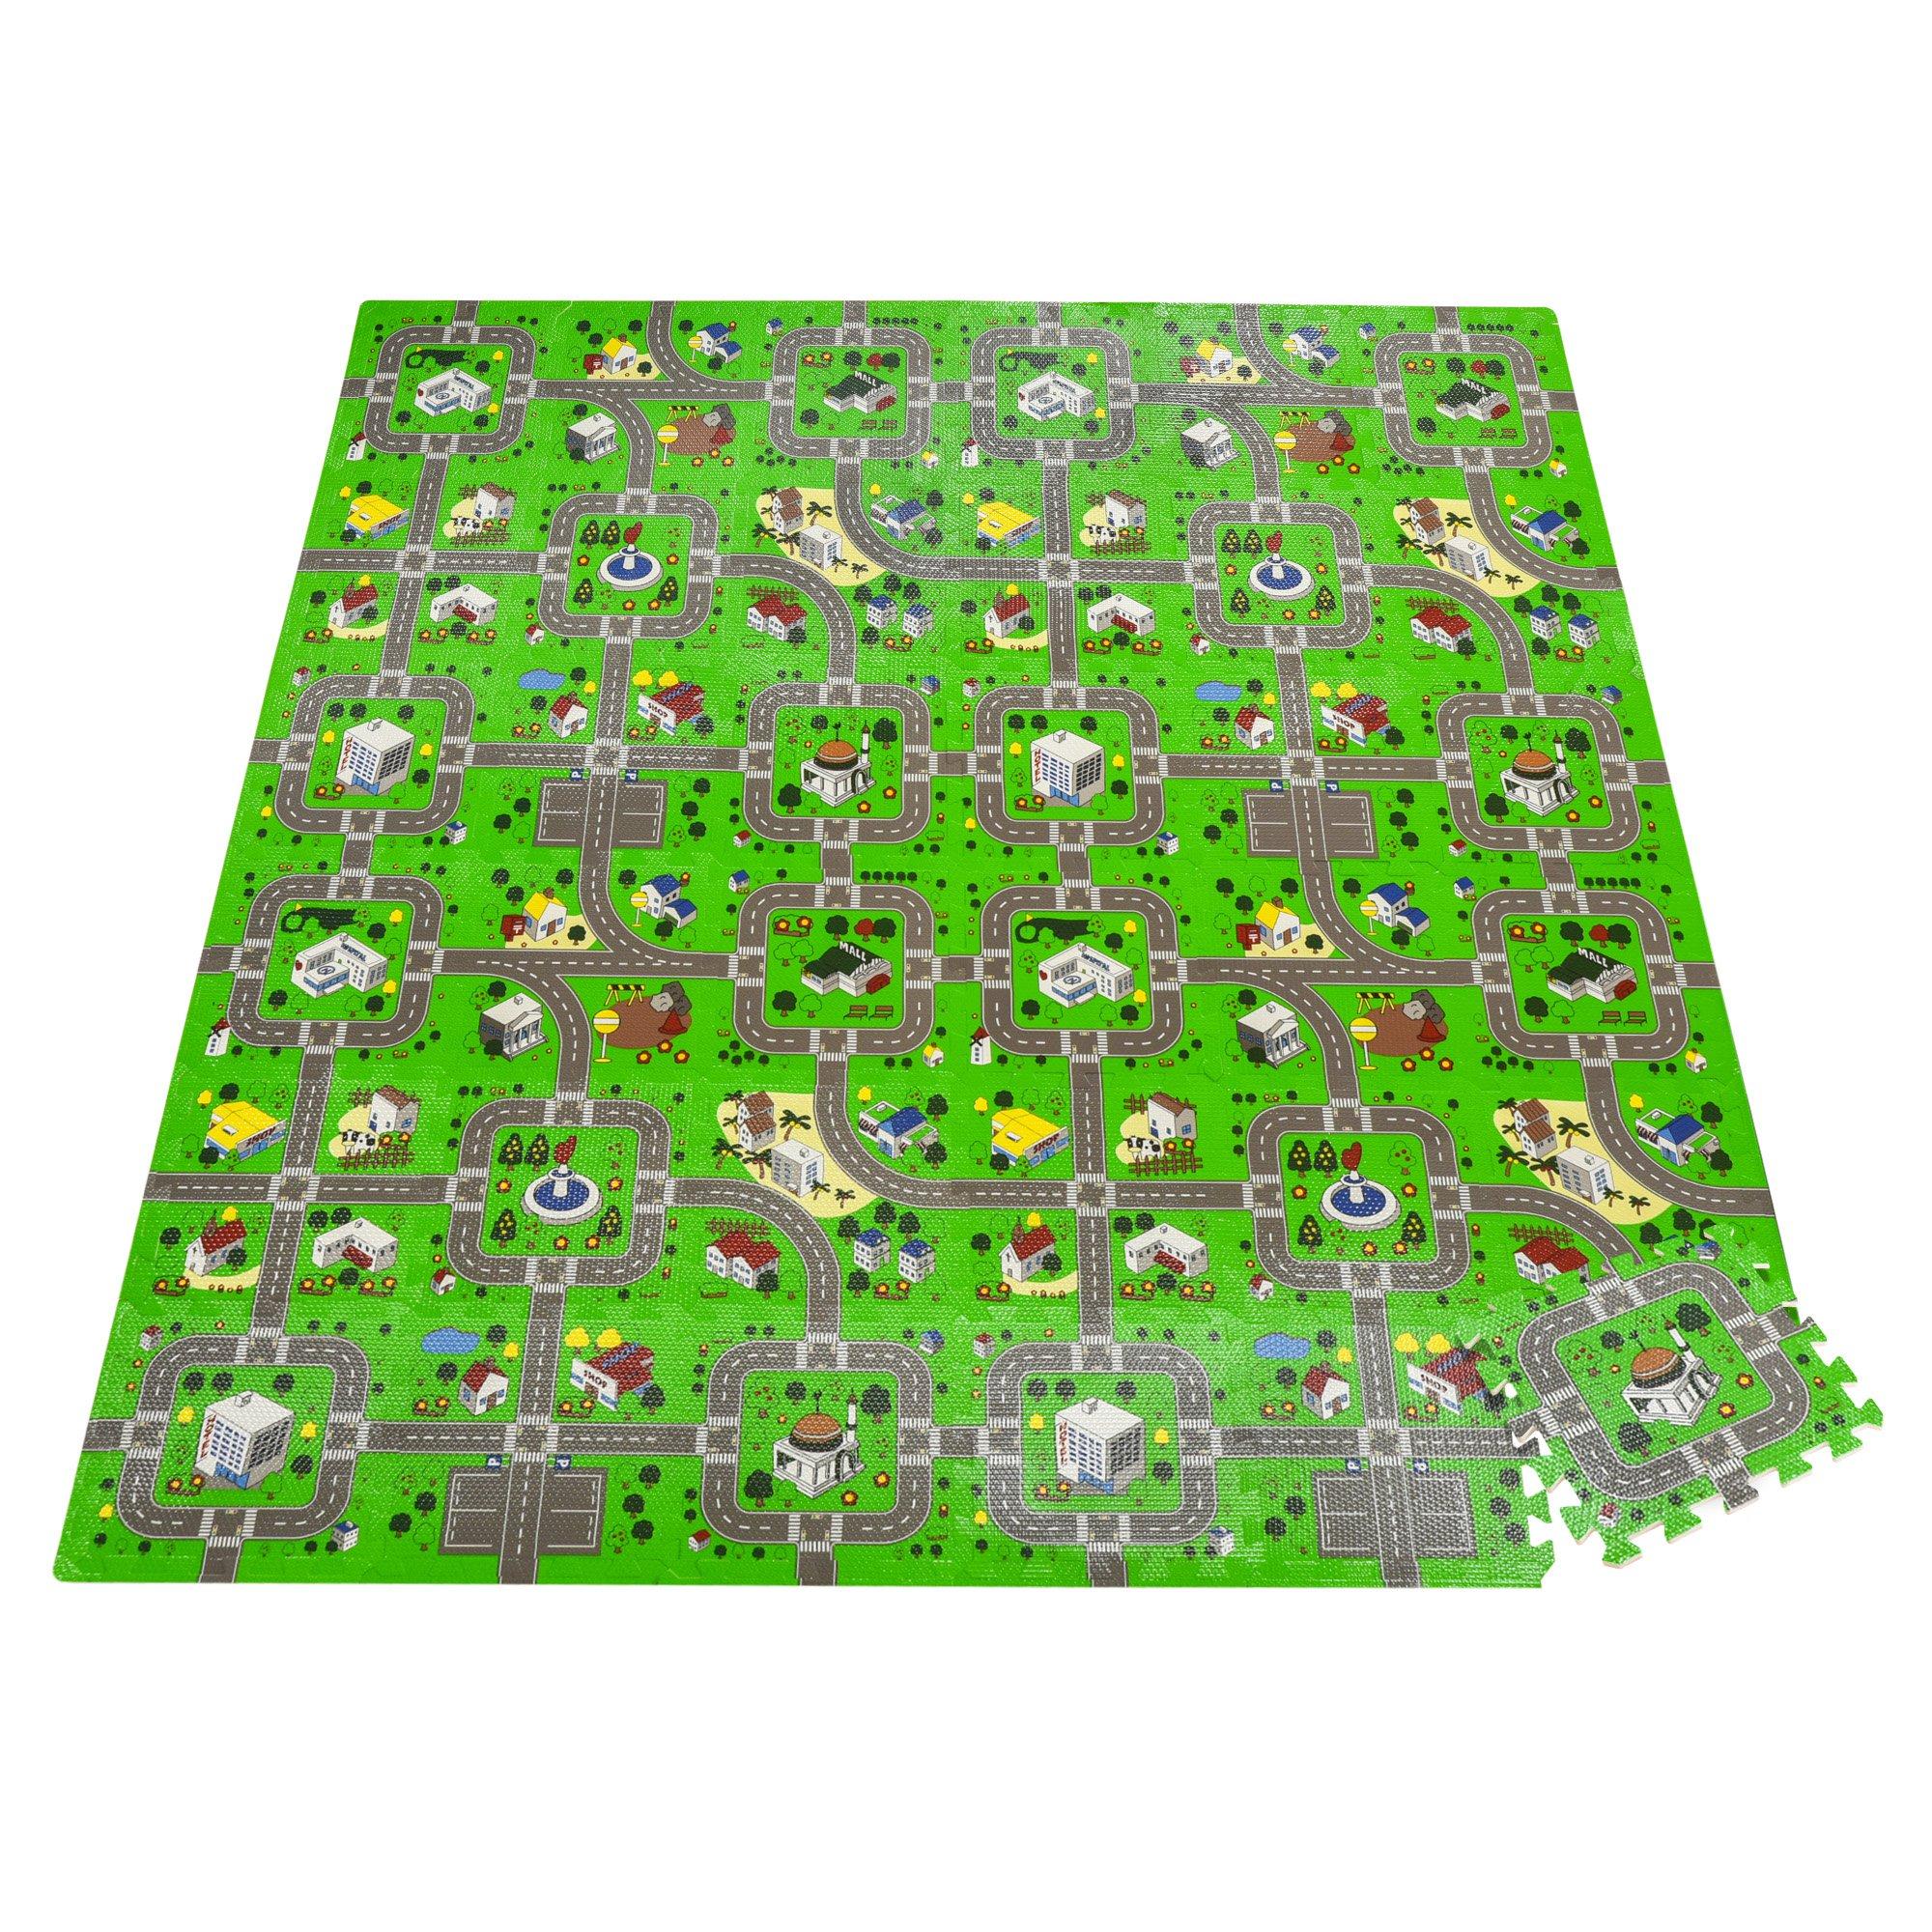 HOMCOM Tappeto Puzzle per Bambini in Schiuma EVA Antiscivolo Multicolore